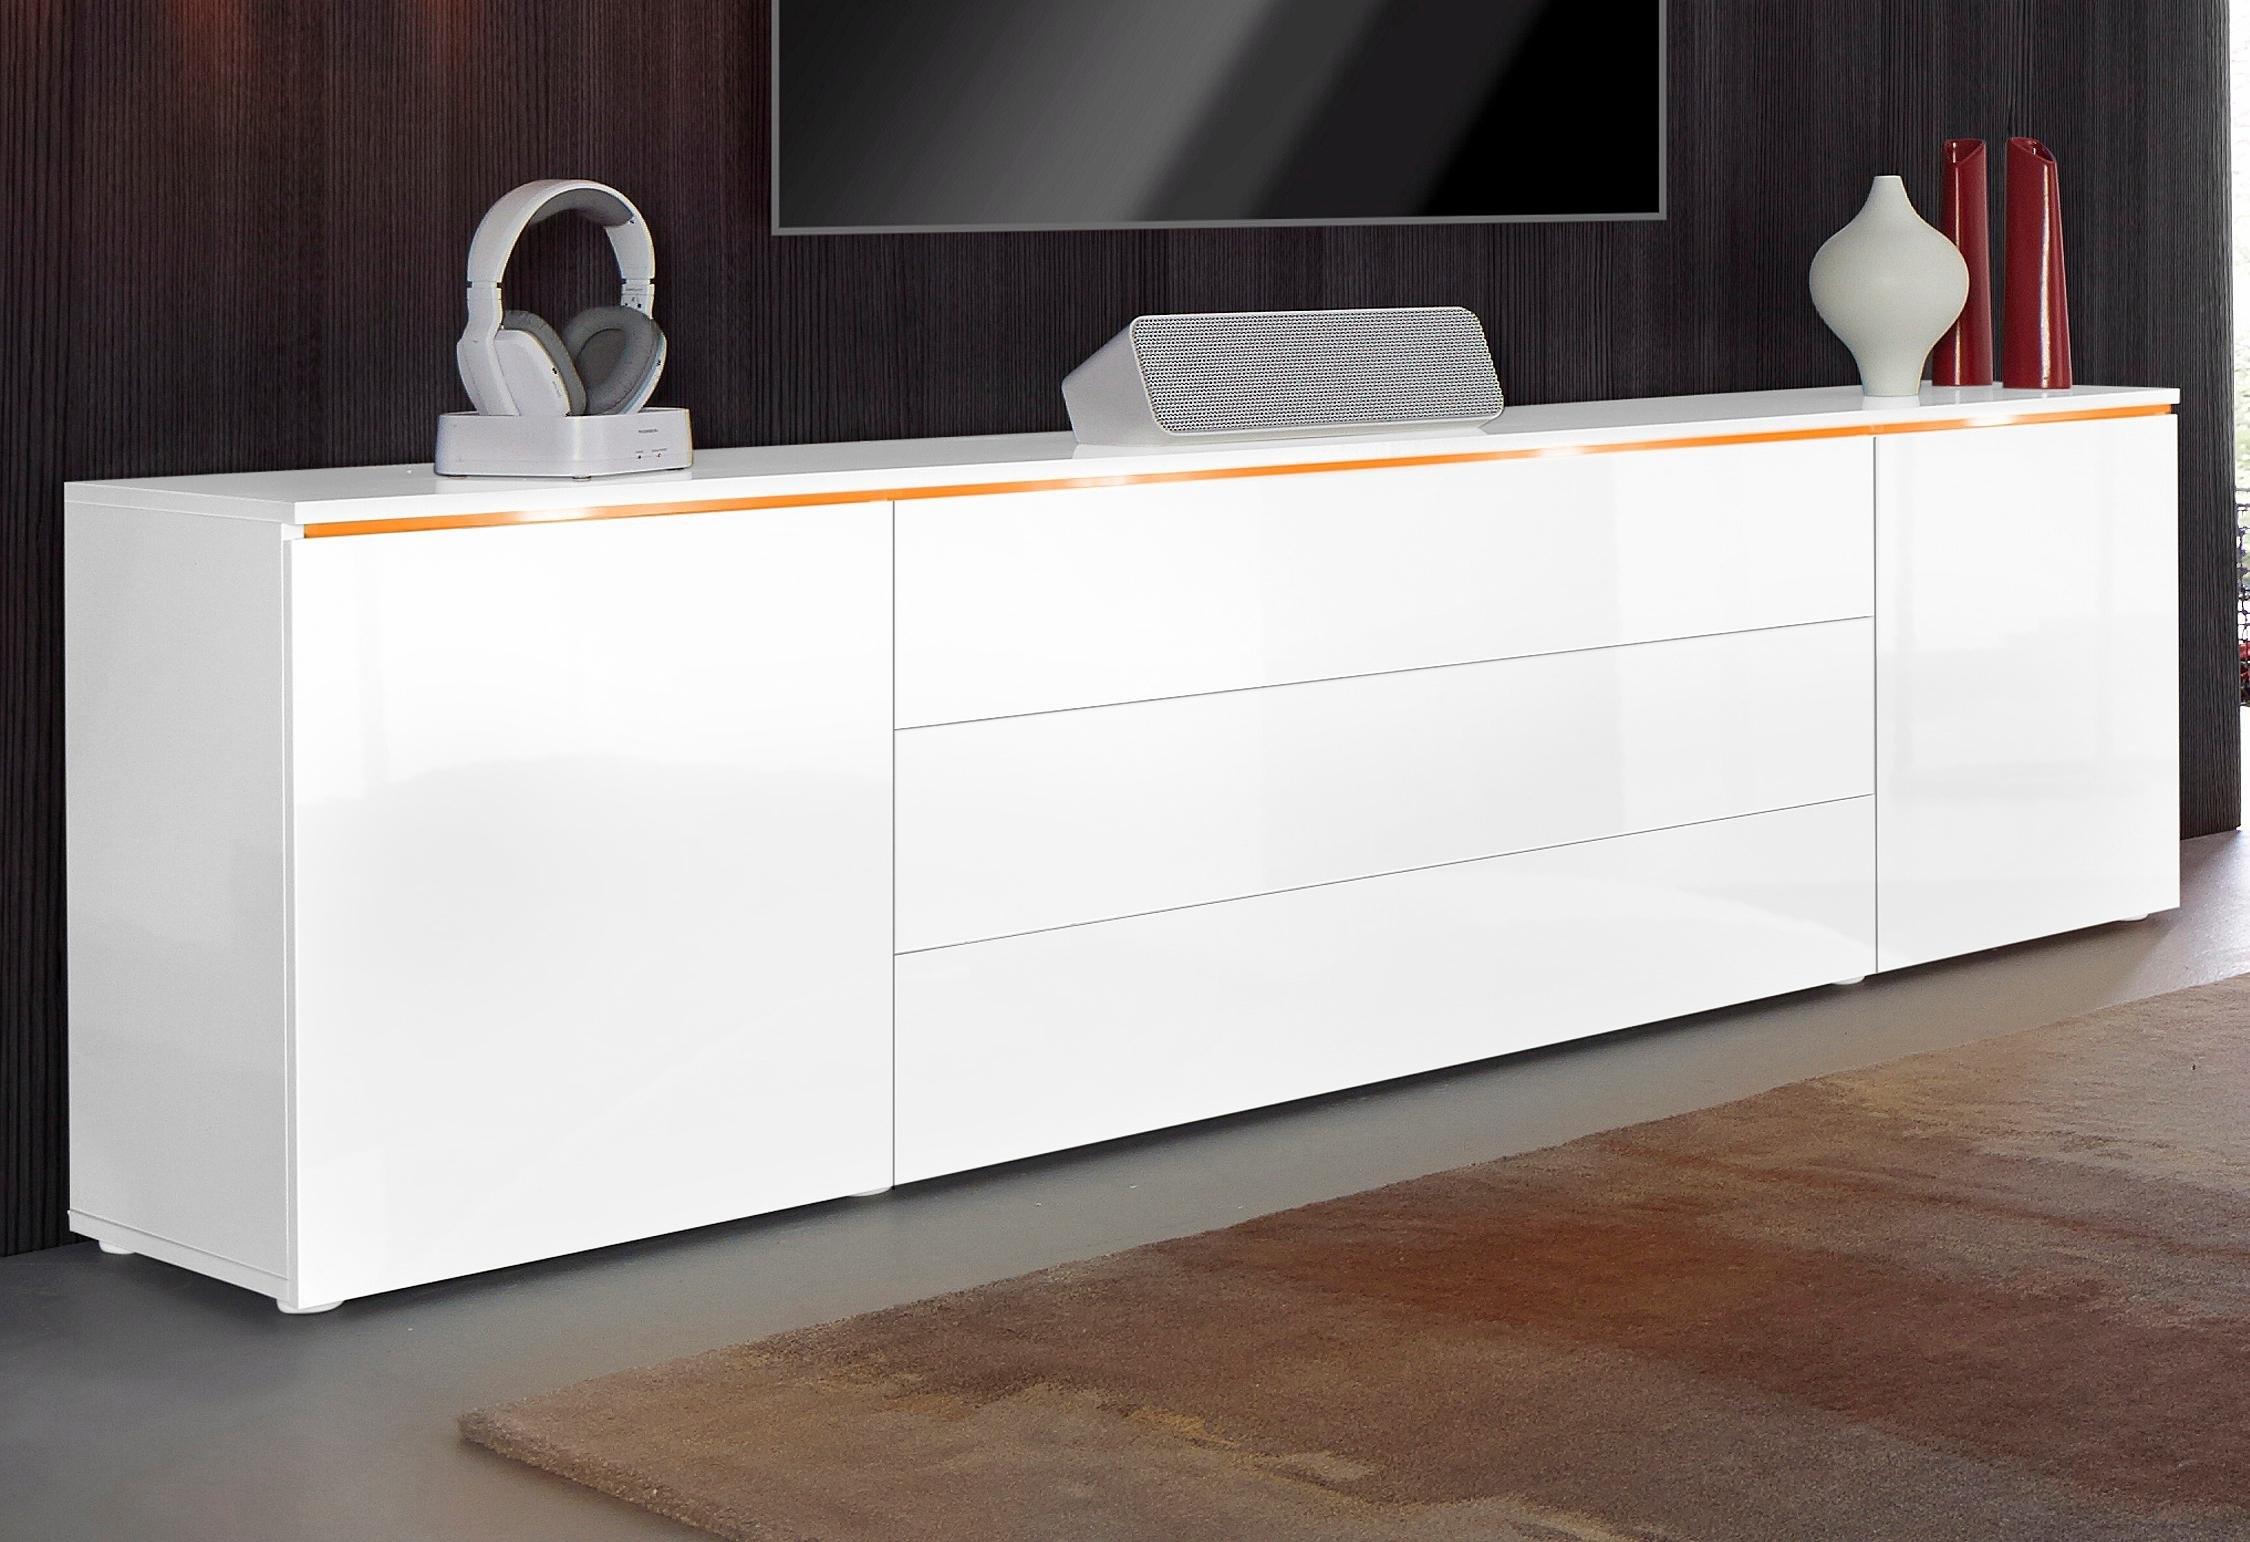 borchardt Möbel tv-meubel Breedte 200 cm veilig op otto.nl kopen